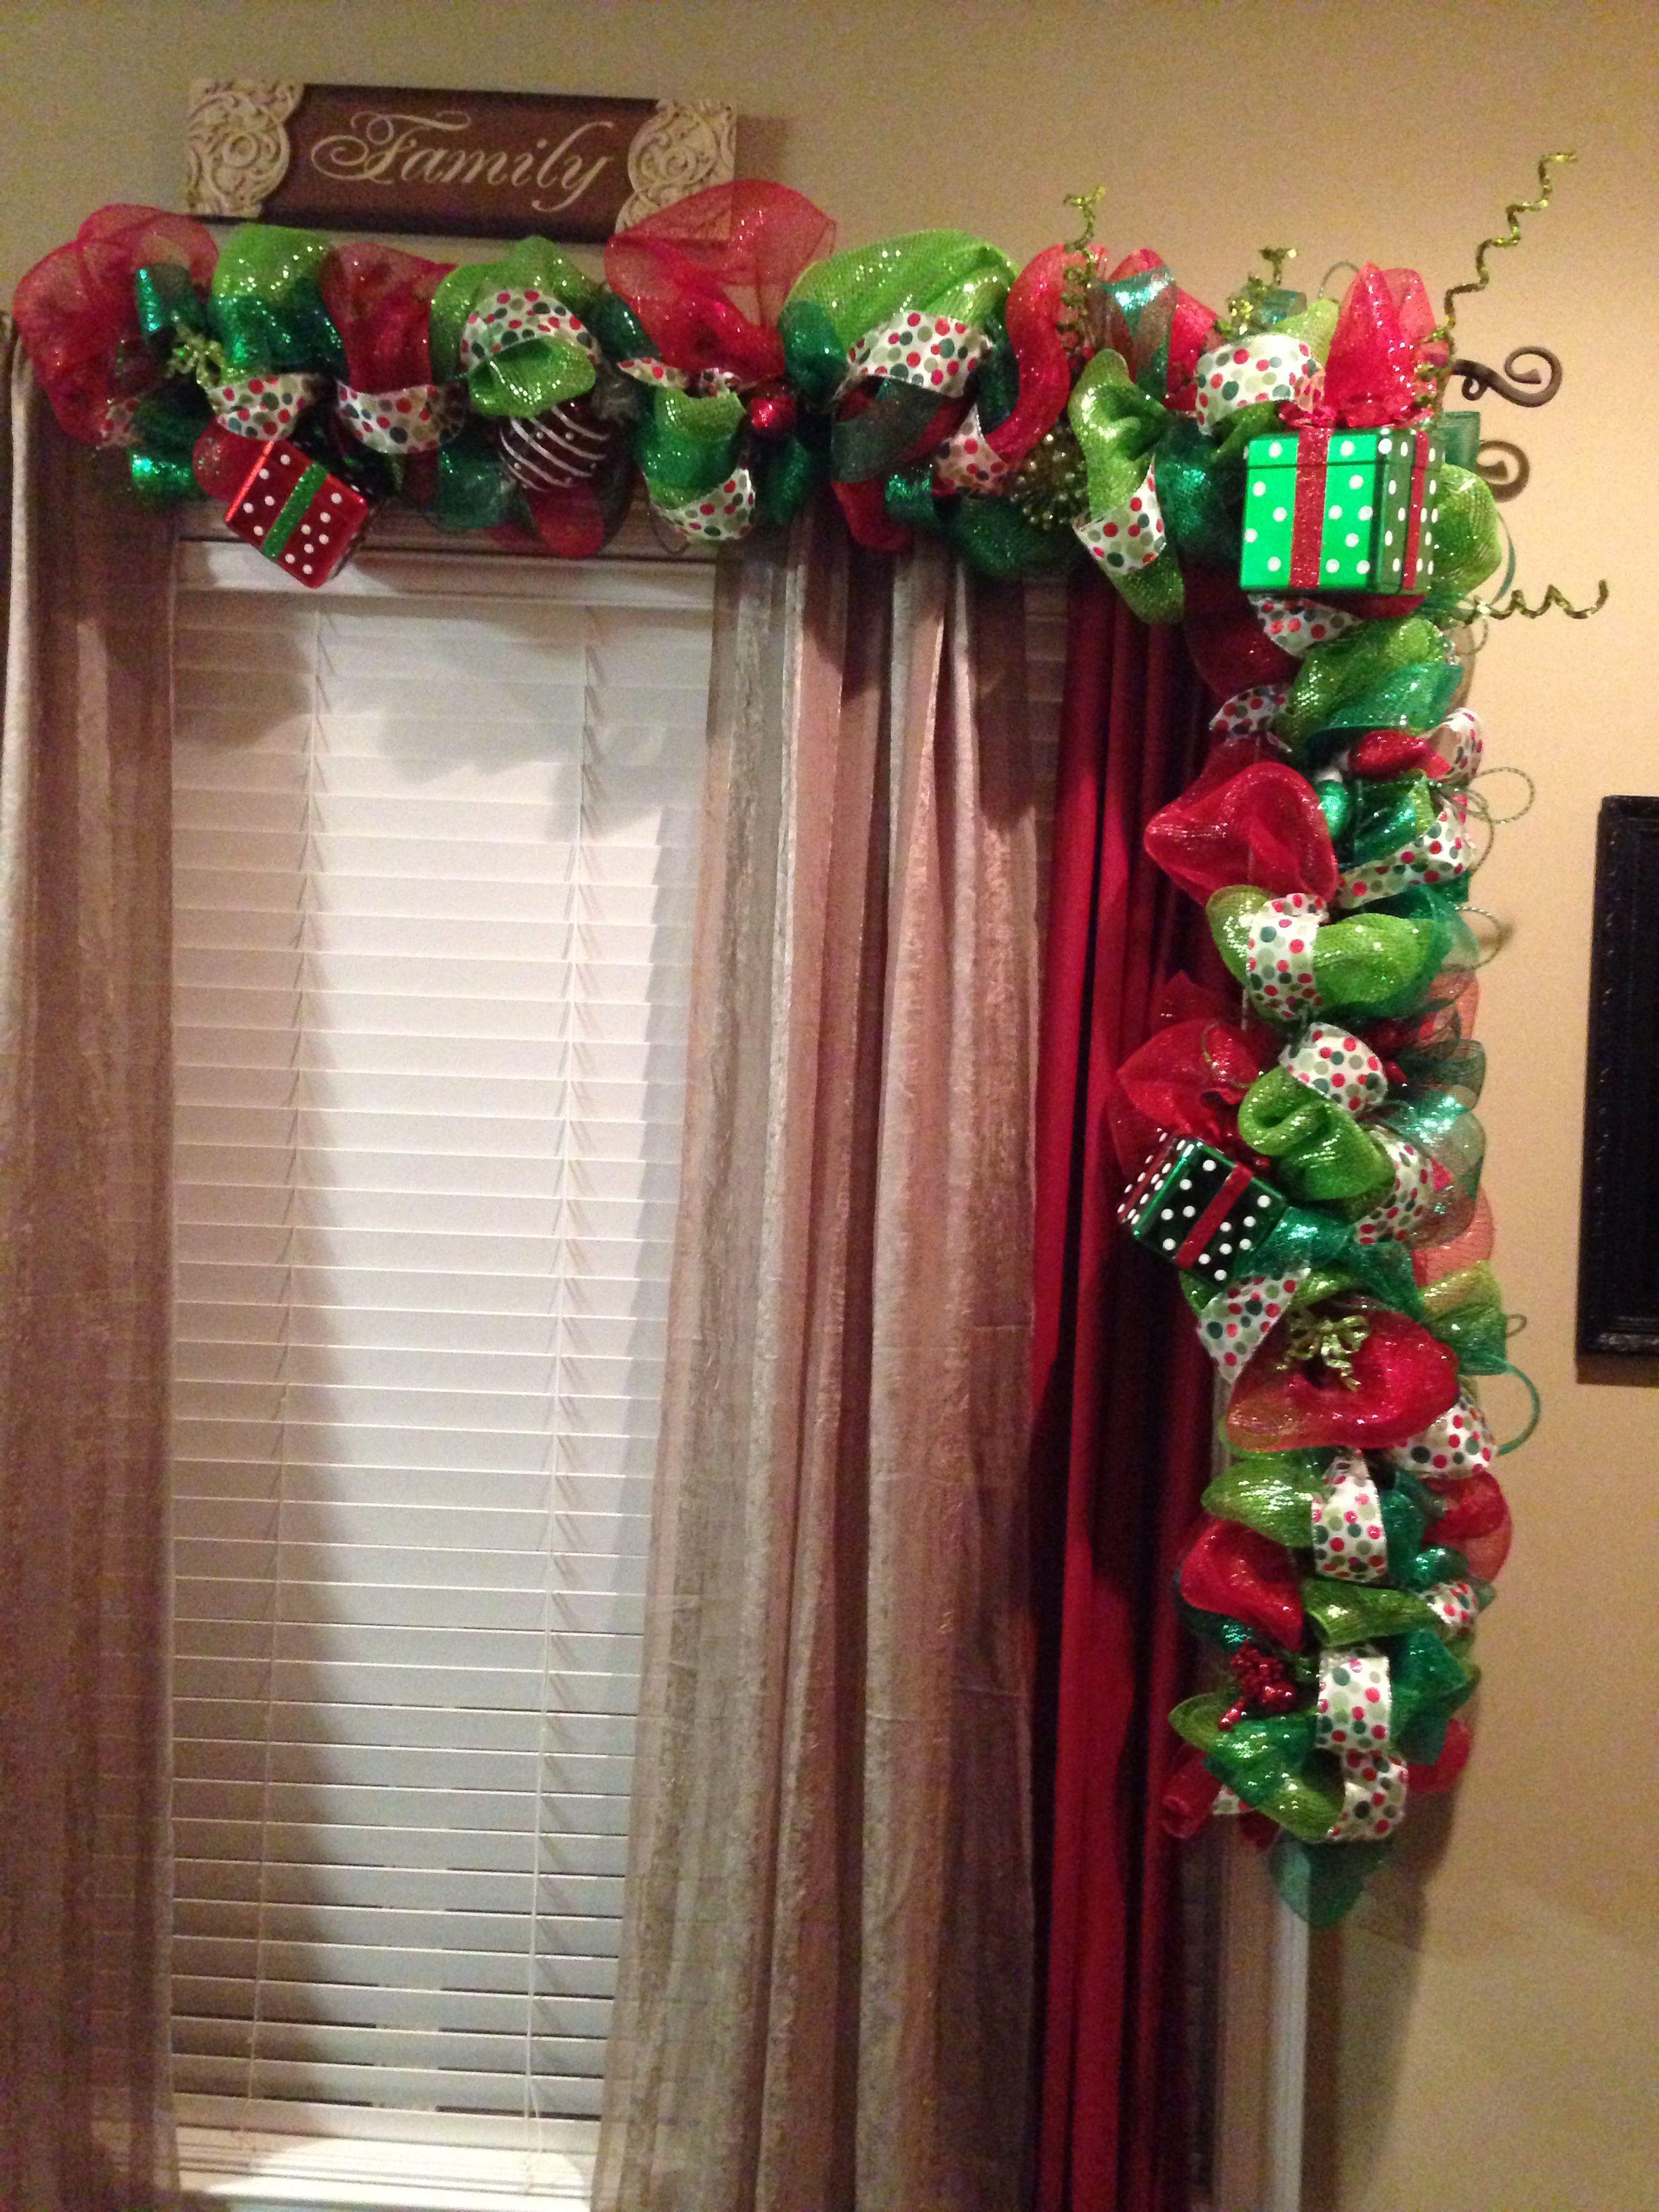 My christmas decor 2013 i made this pinterest - Decoracion de navidad para oficina ...